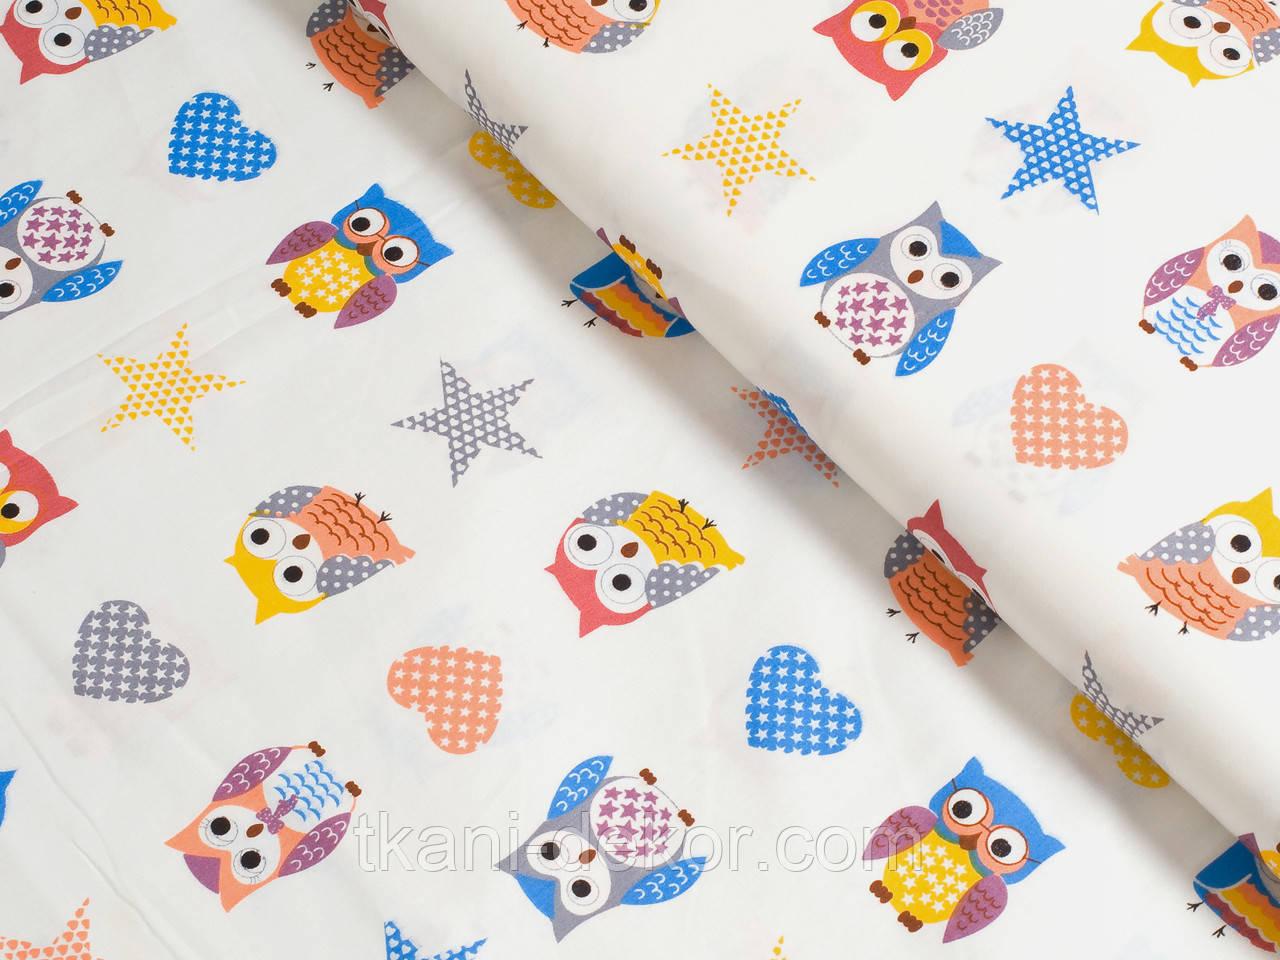 Сатин (хлопковая ткань) совушки со звездами  на молоке